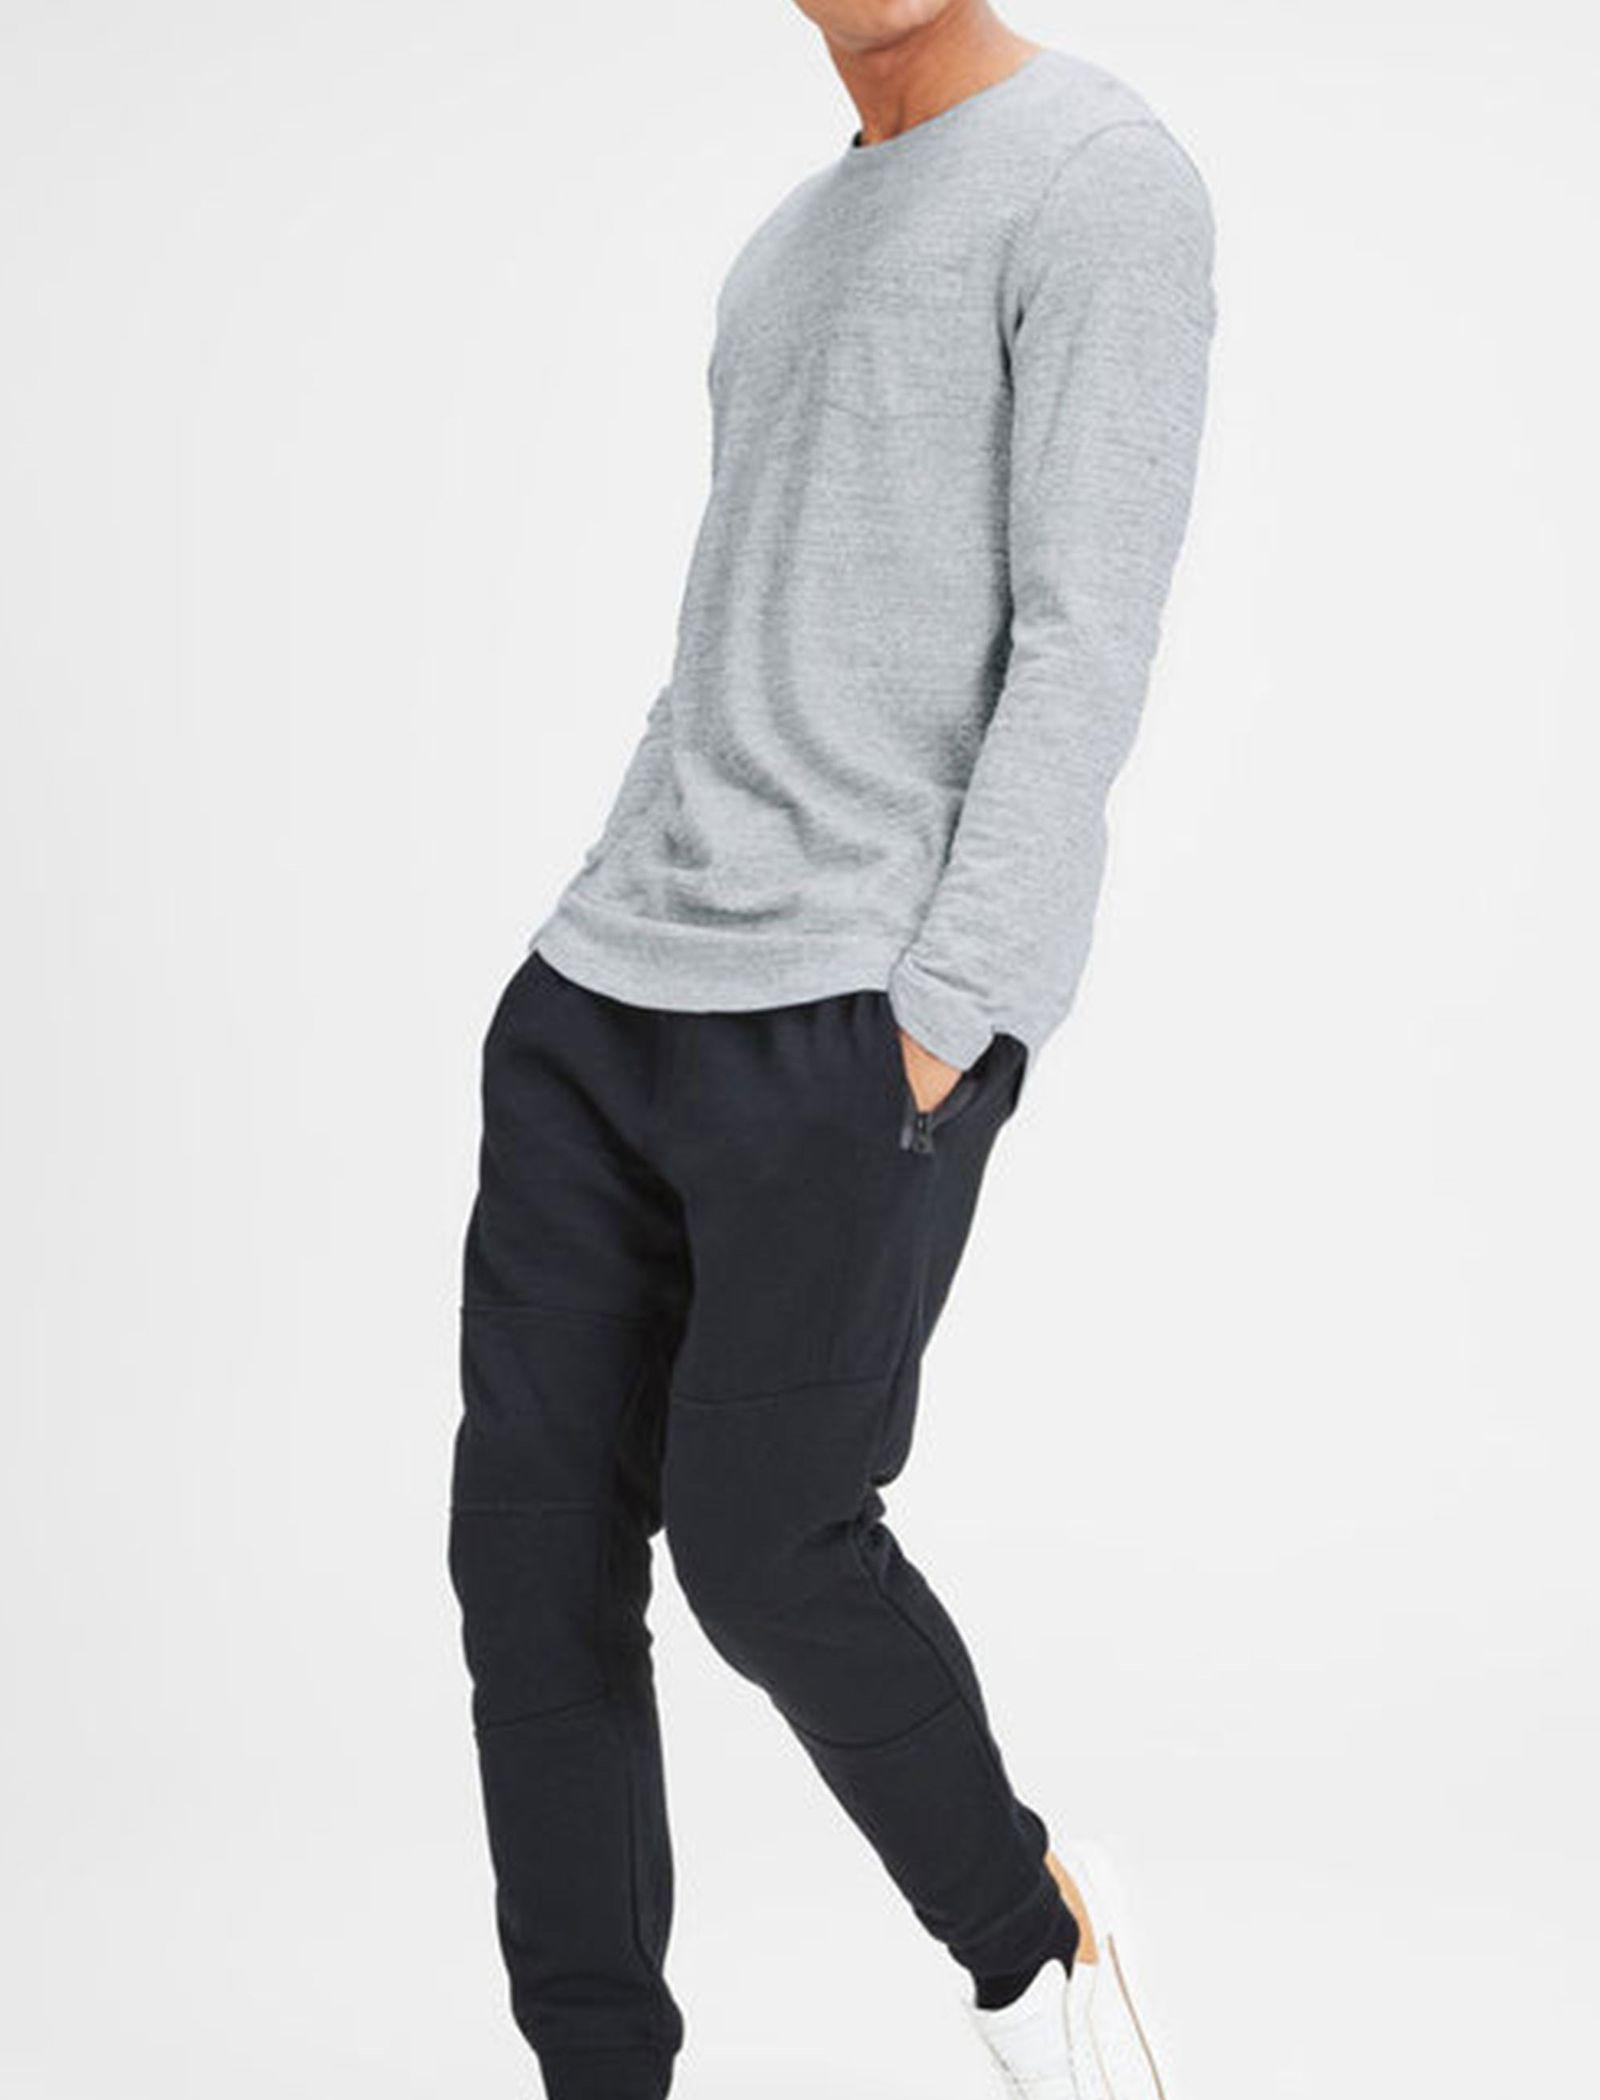 تی شرت نخی آستین بلند مردانه - جک اند جونز - طوسي - 5